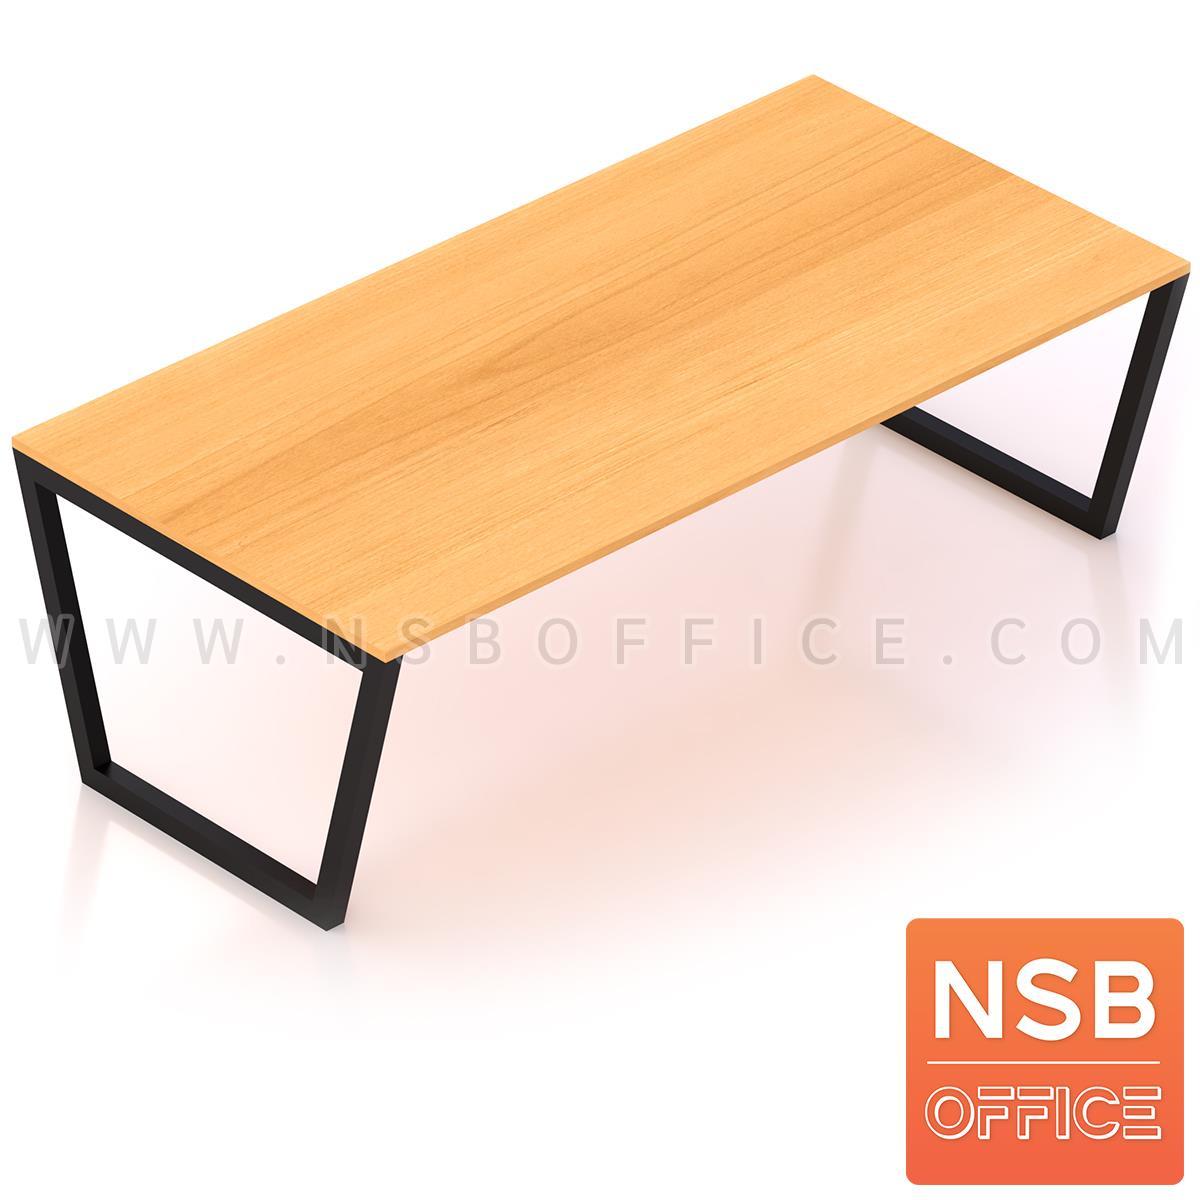 A05A120:โต๊ะประชุมทรงสี่เหลี่ยม  ขนาด 200W ,240W ,300W ,360W 400W cm.  ขาเหล็กทรงคางหมู